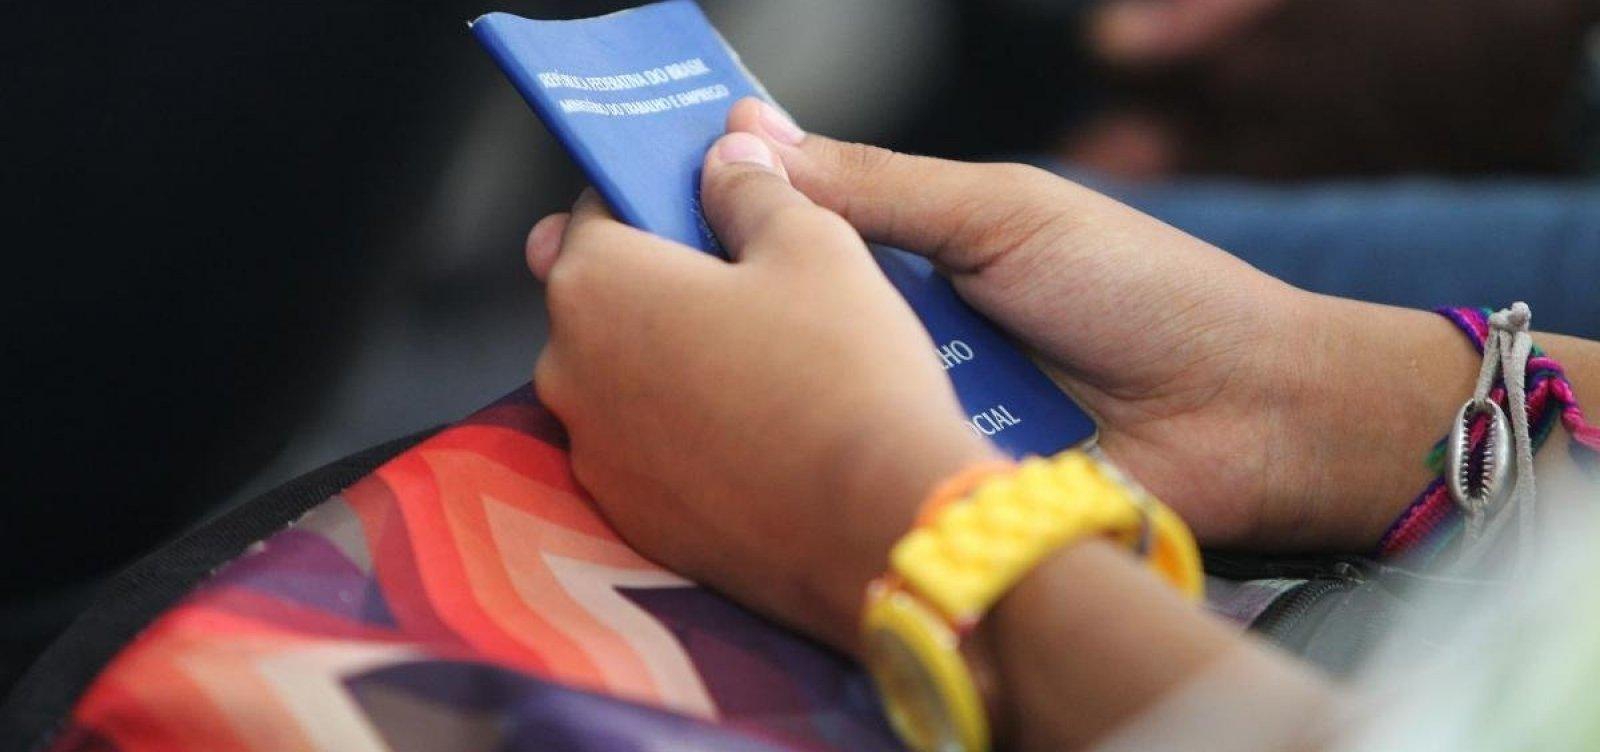 Desemprego no país cai a 13,2% no trimestre até agosto, aponta IBGE